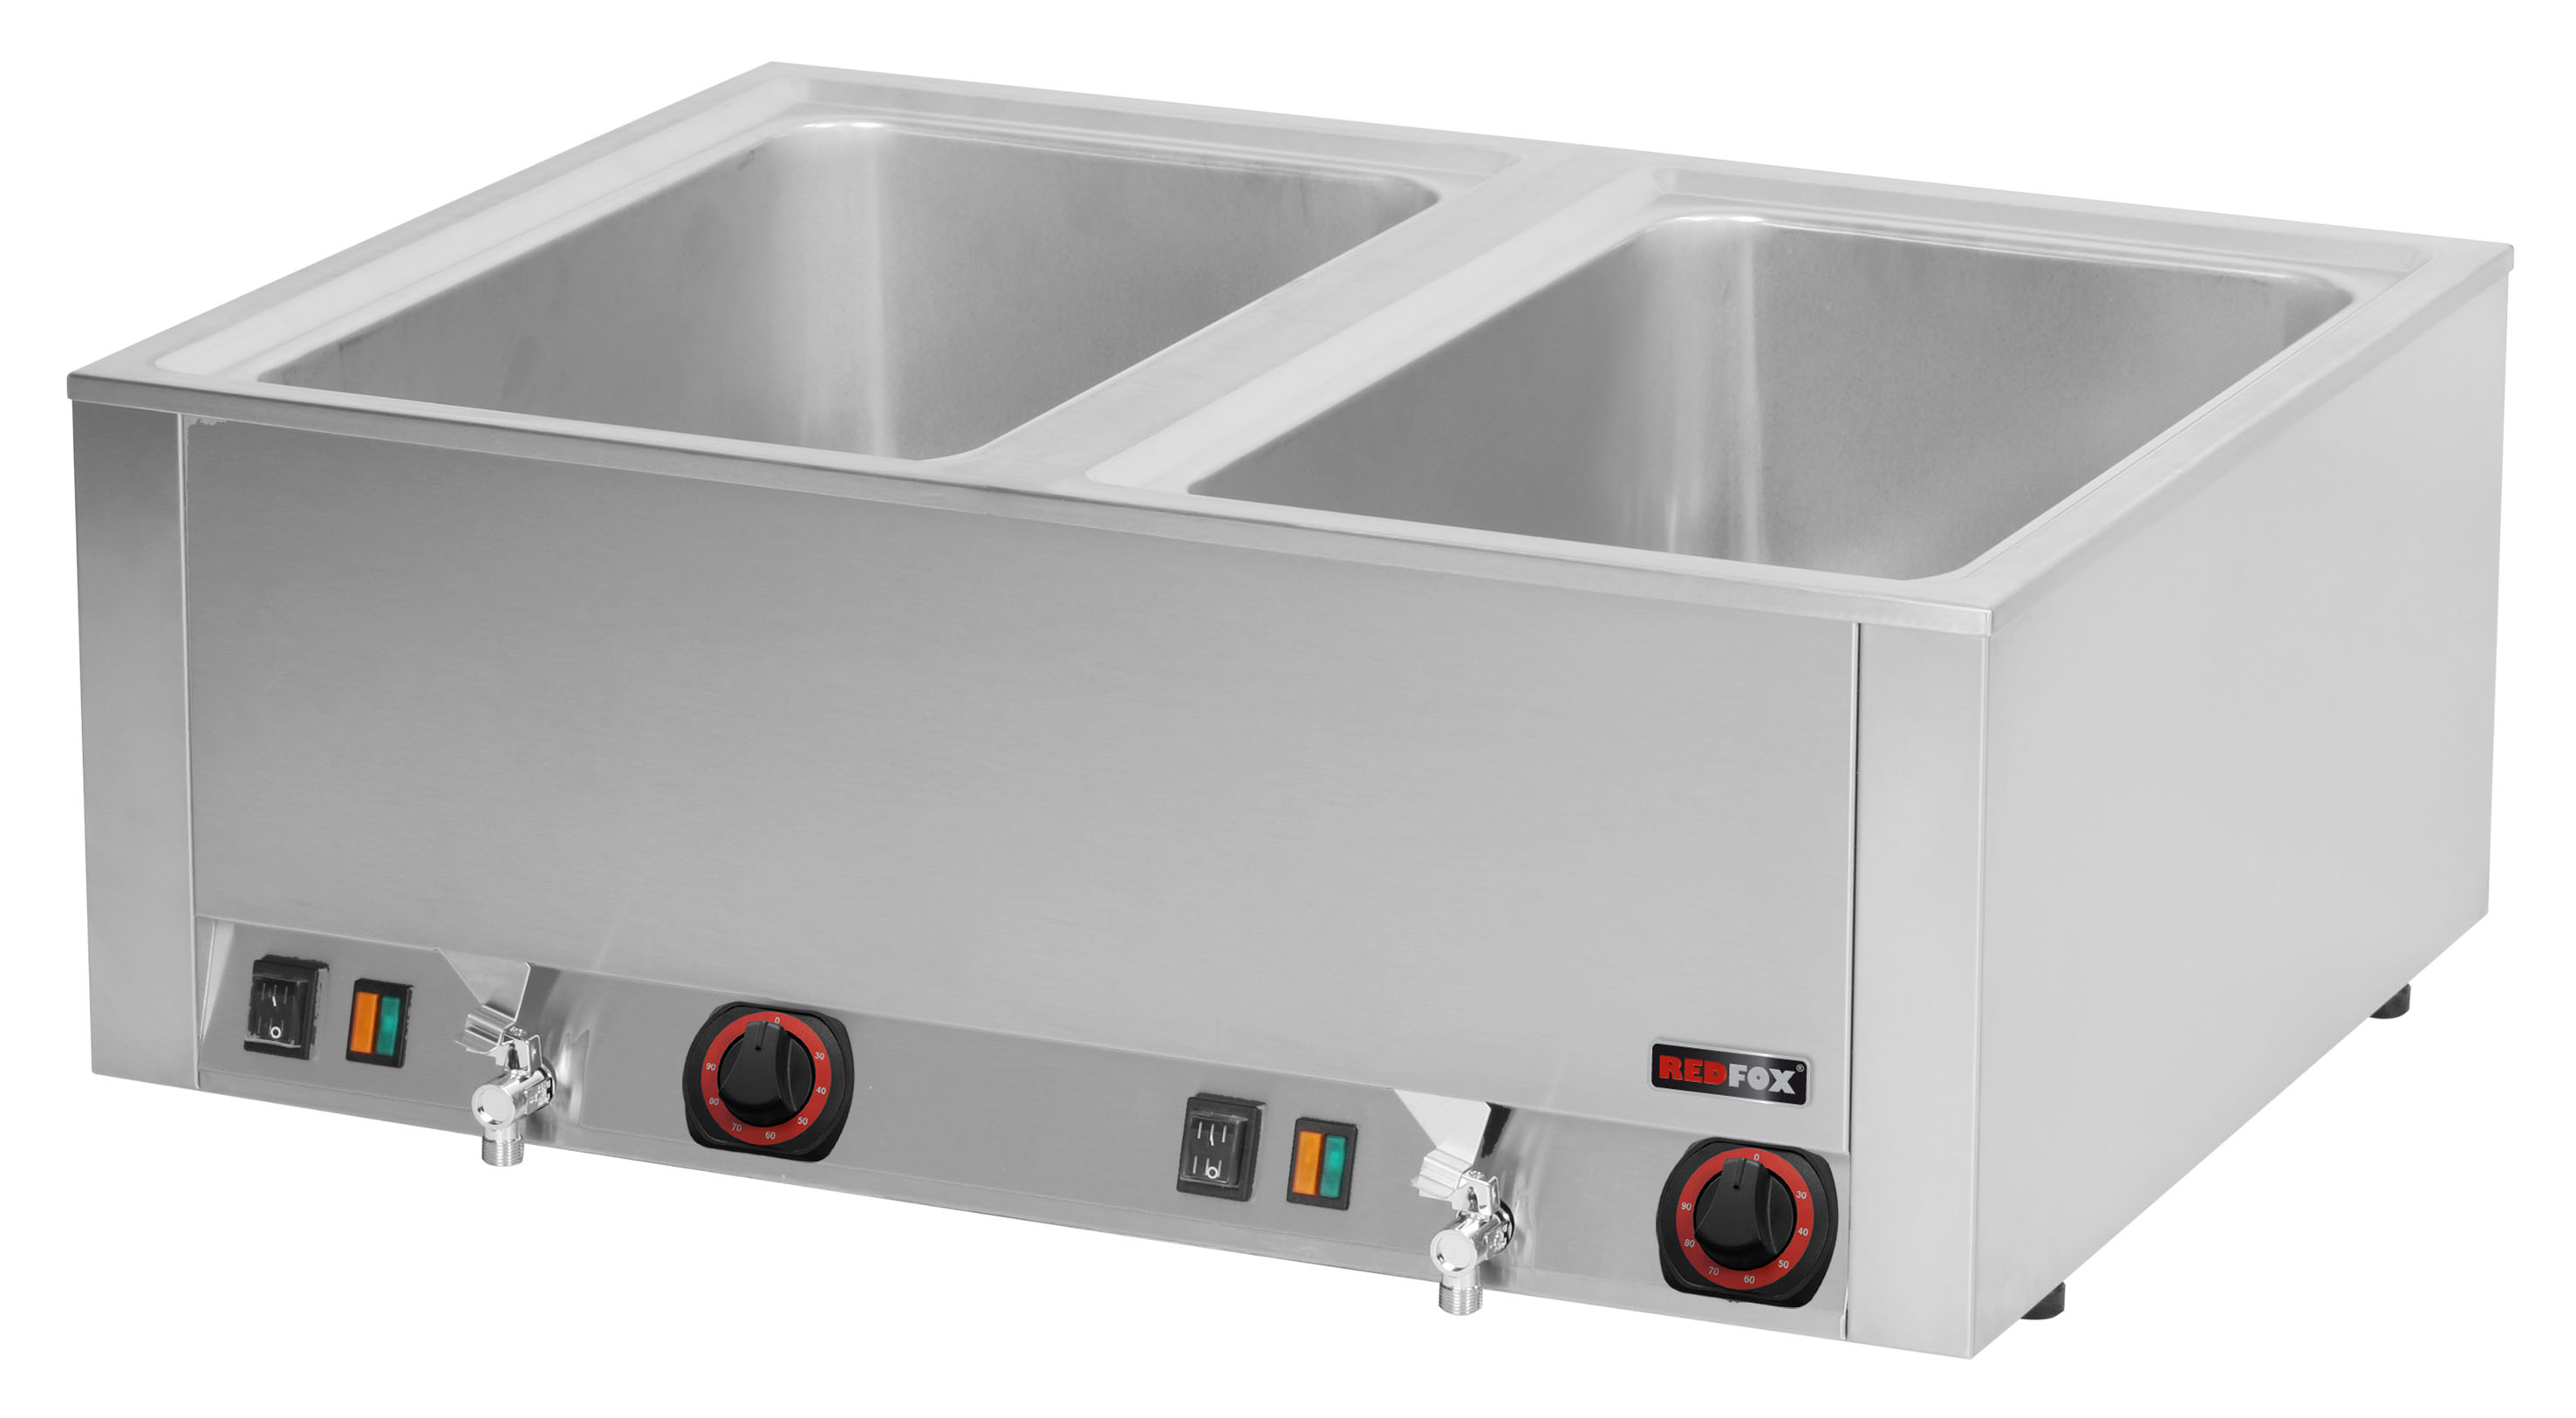 Lázeň vodní elektrická BMV 2120 2x GN 1/1 s výpustí REDFOX